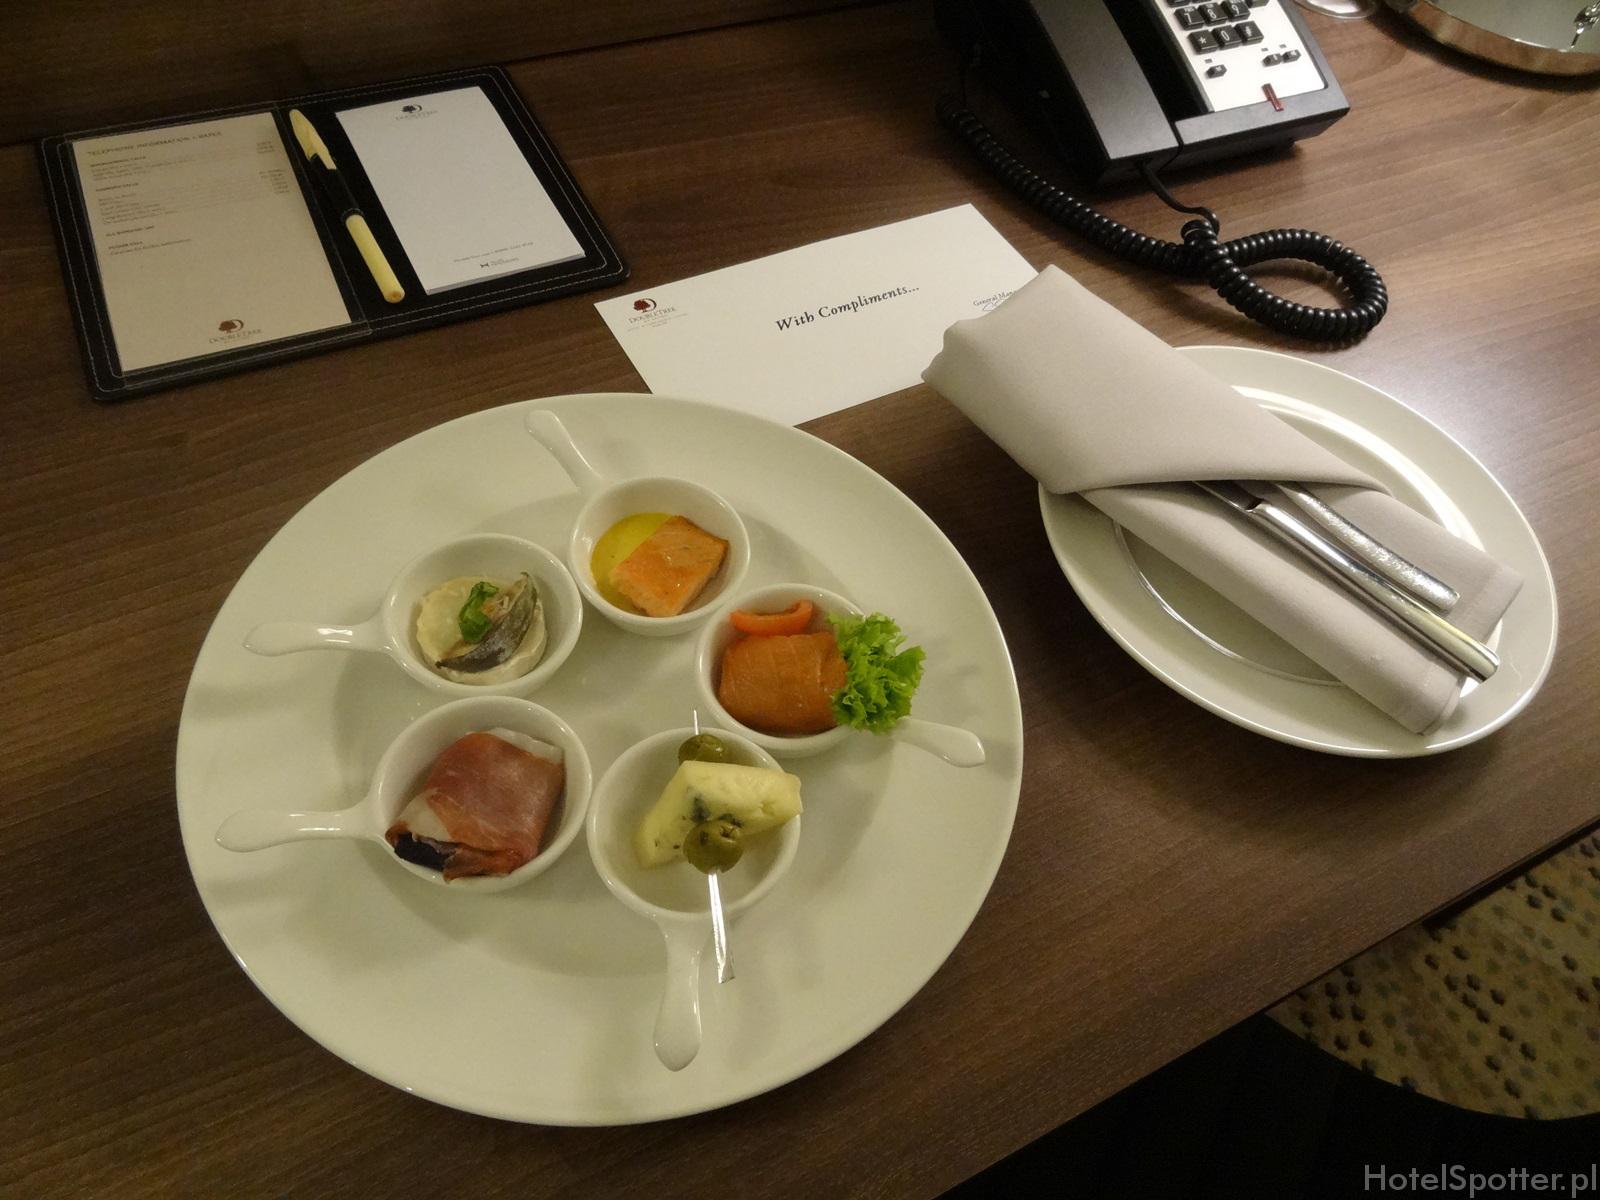 DoubleTree by Hilton Warsaw - poczestunek powitalny